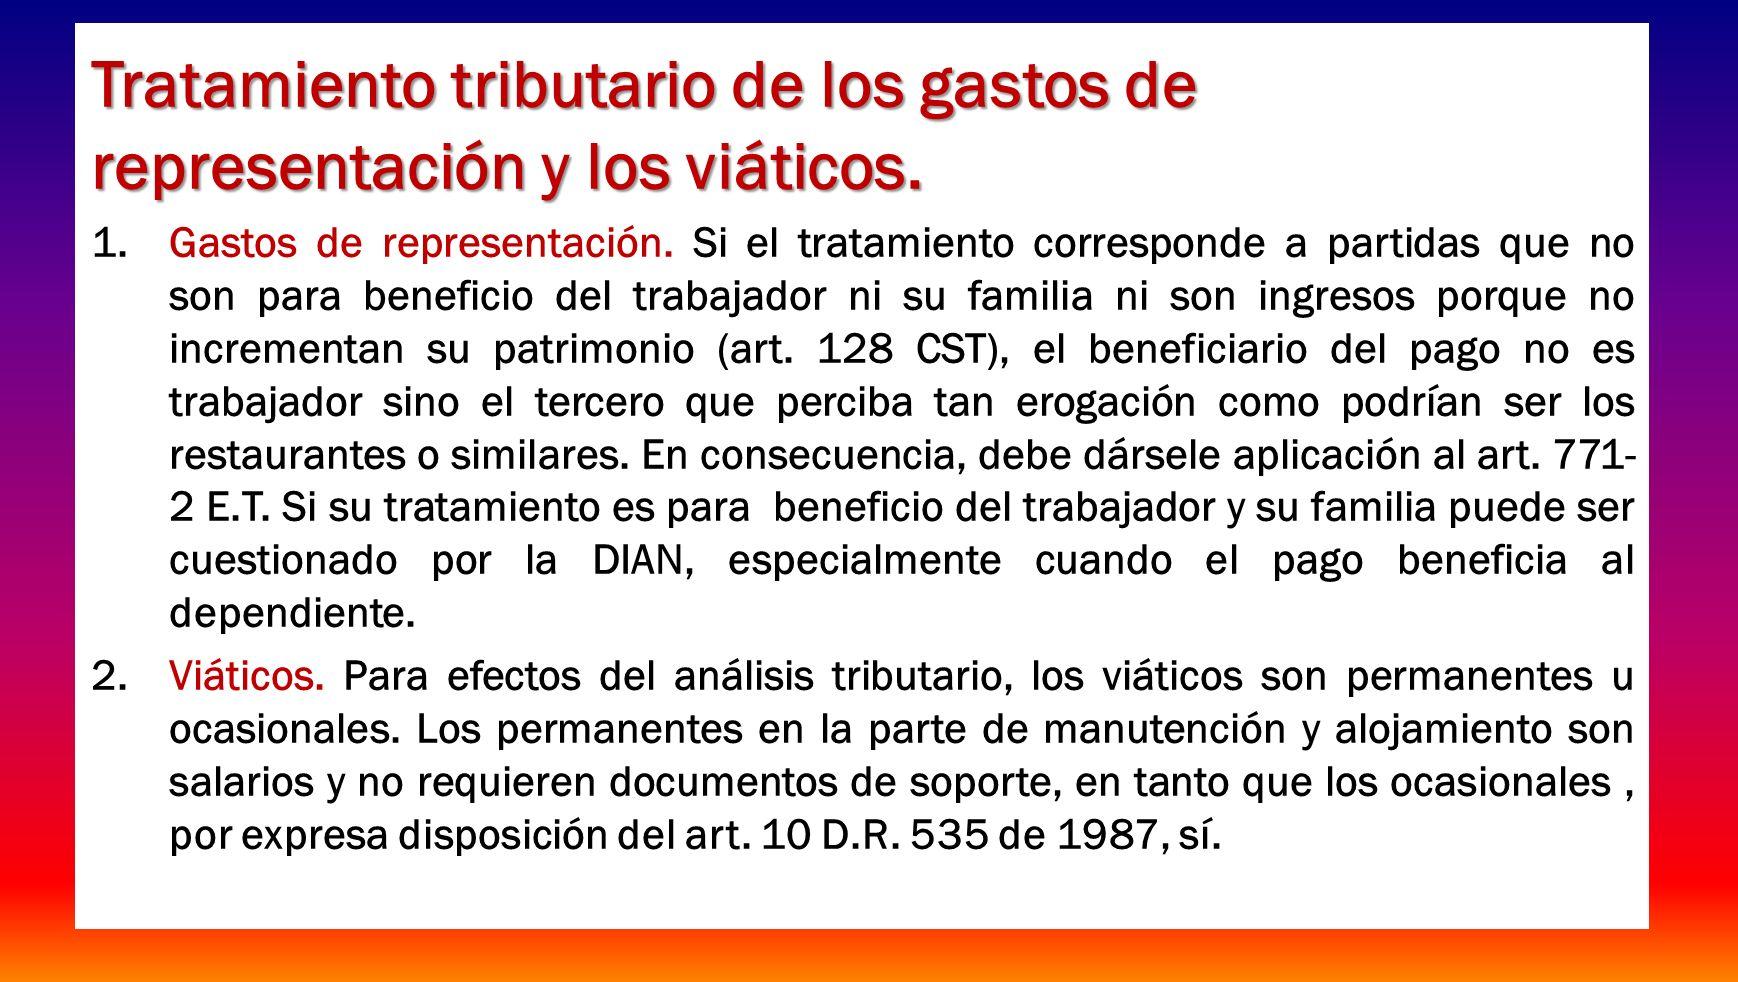 Tratamiento tributario de los gastos de representación y los viáticos.